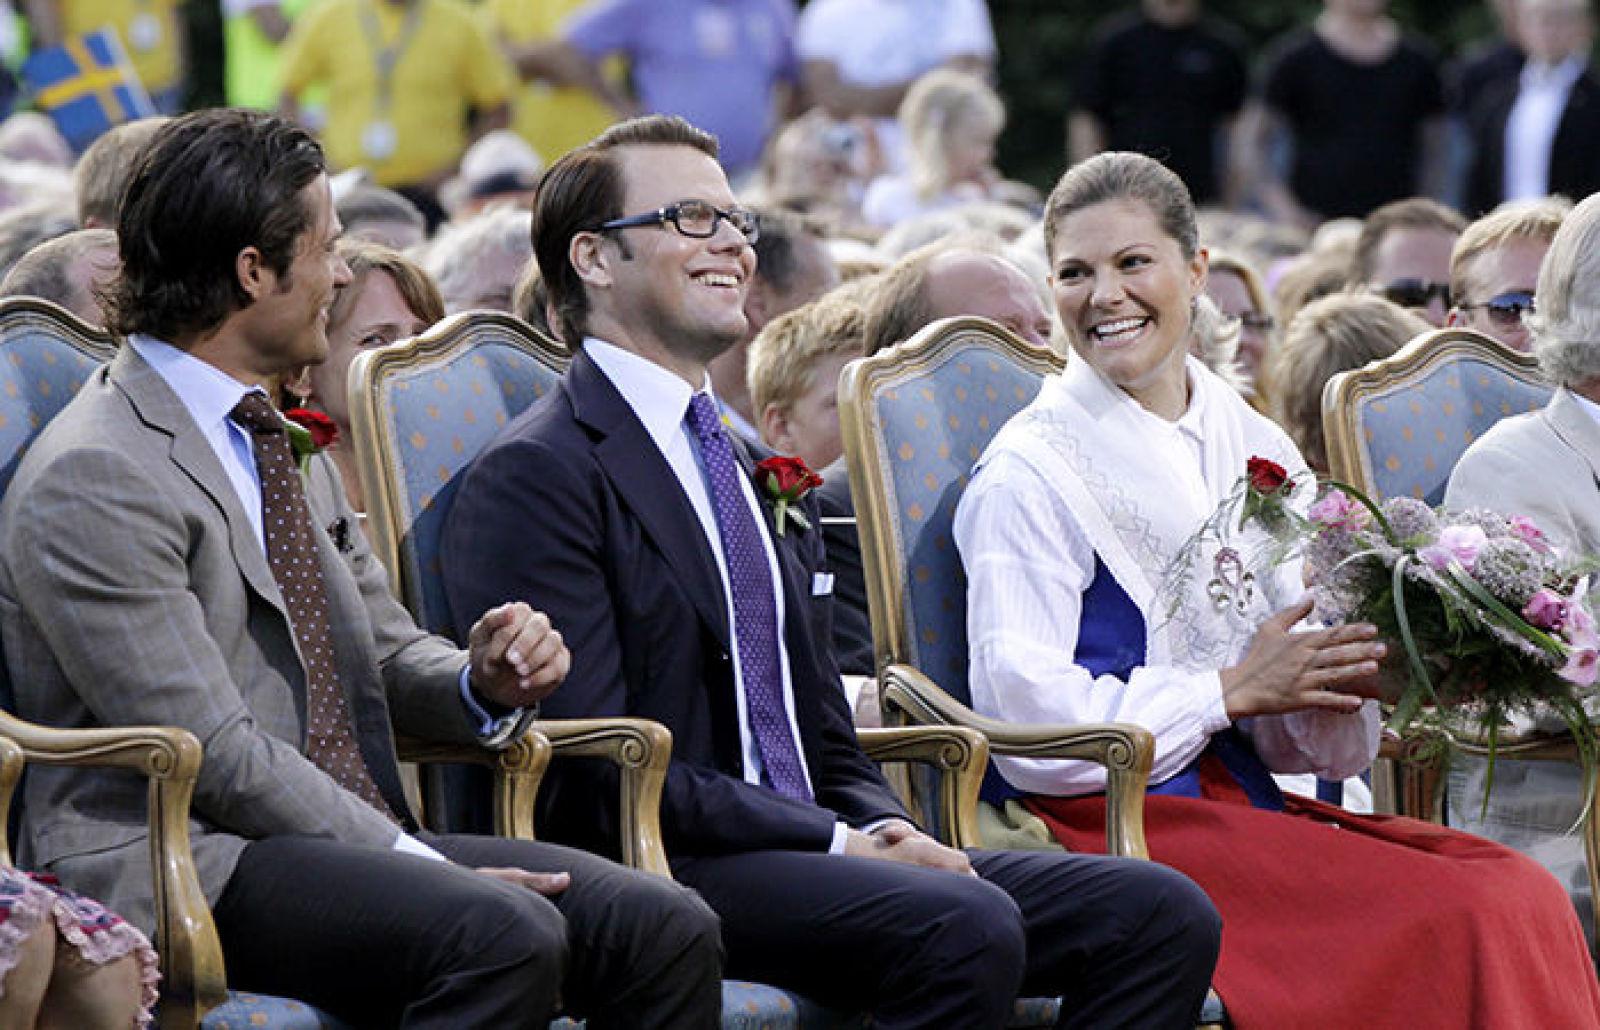 2009 г, Daniel Westling первый раз официально на праздновании рядом с будущей супругой Викторий